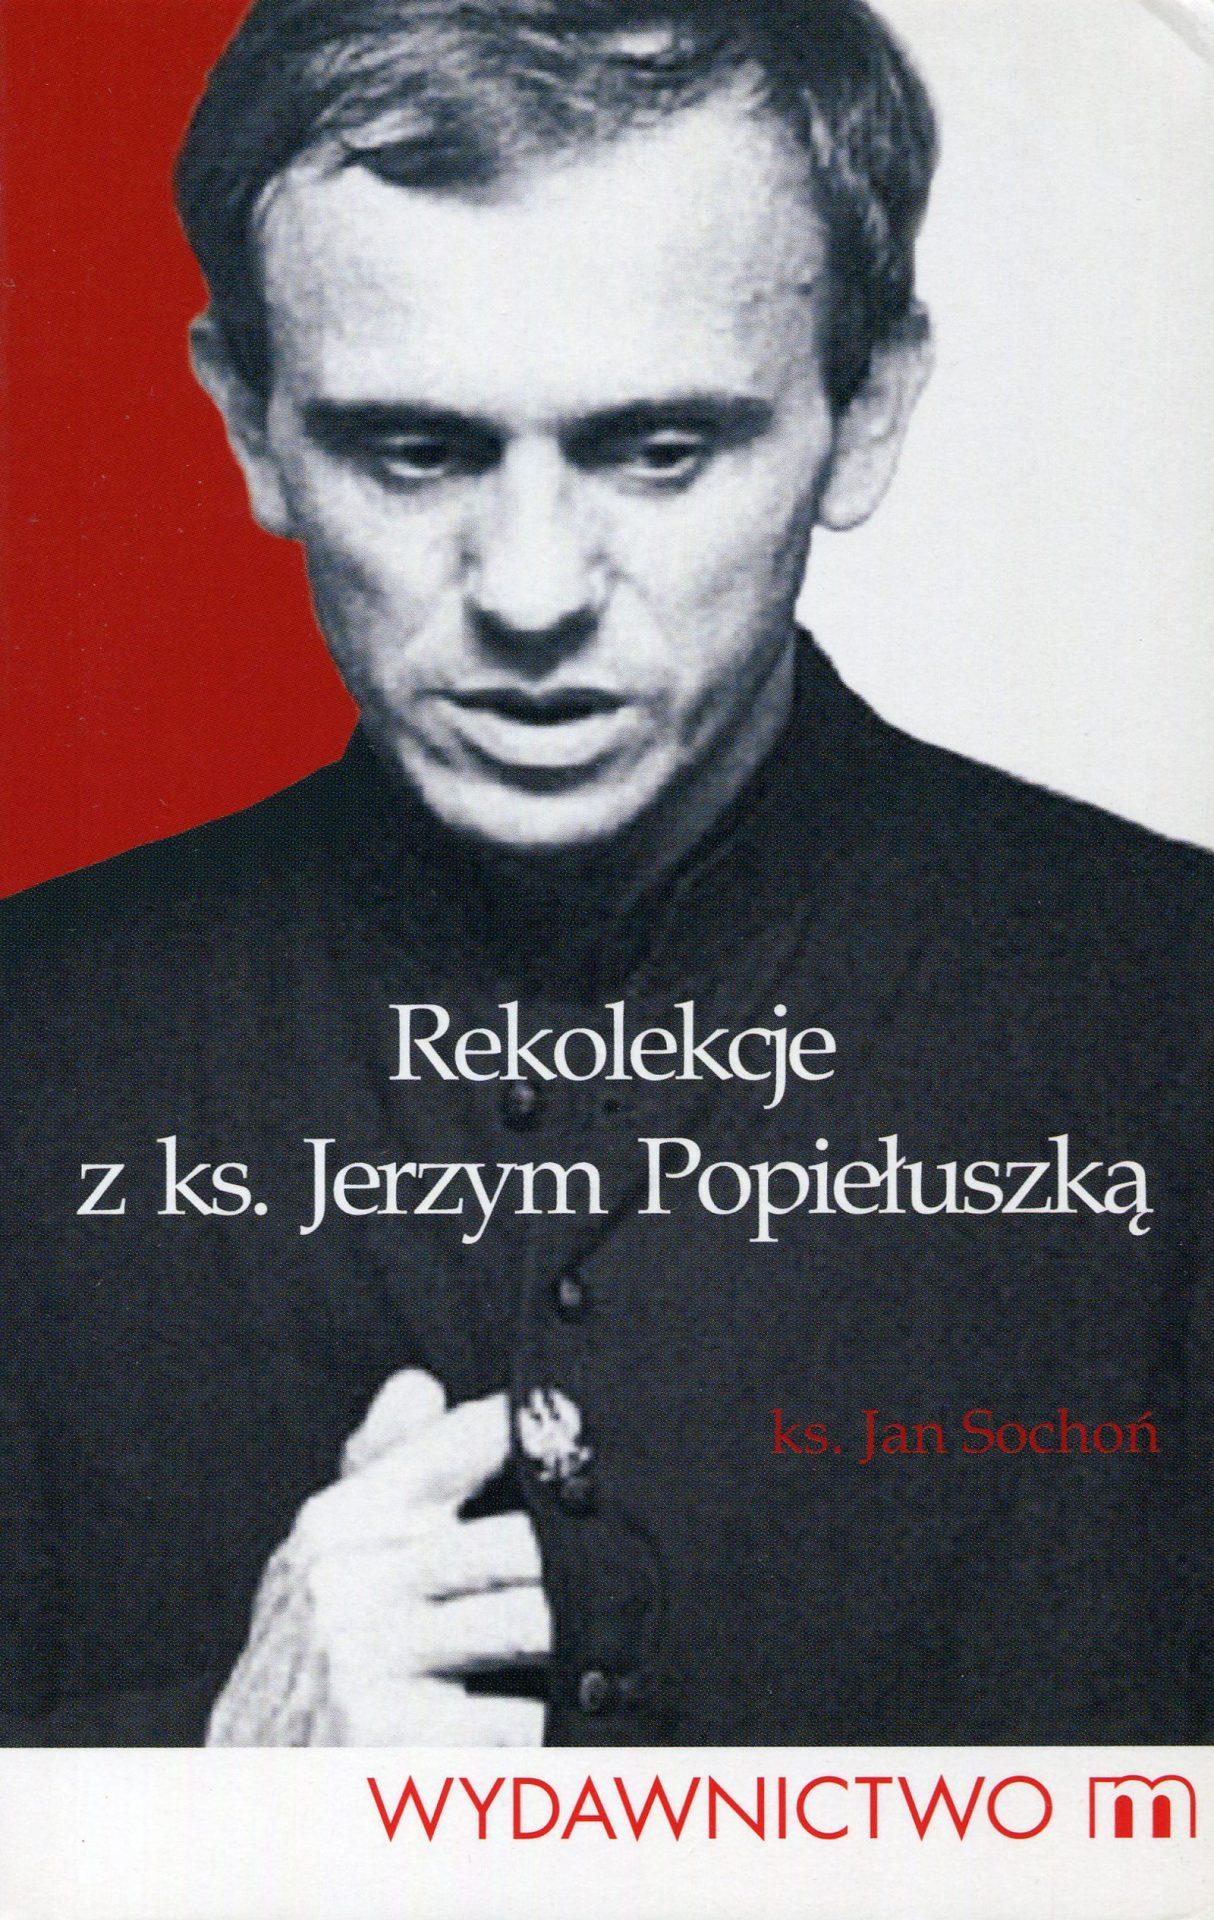 Rekolekcje z księdzem Jerzym